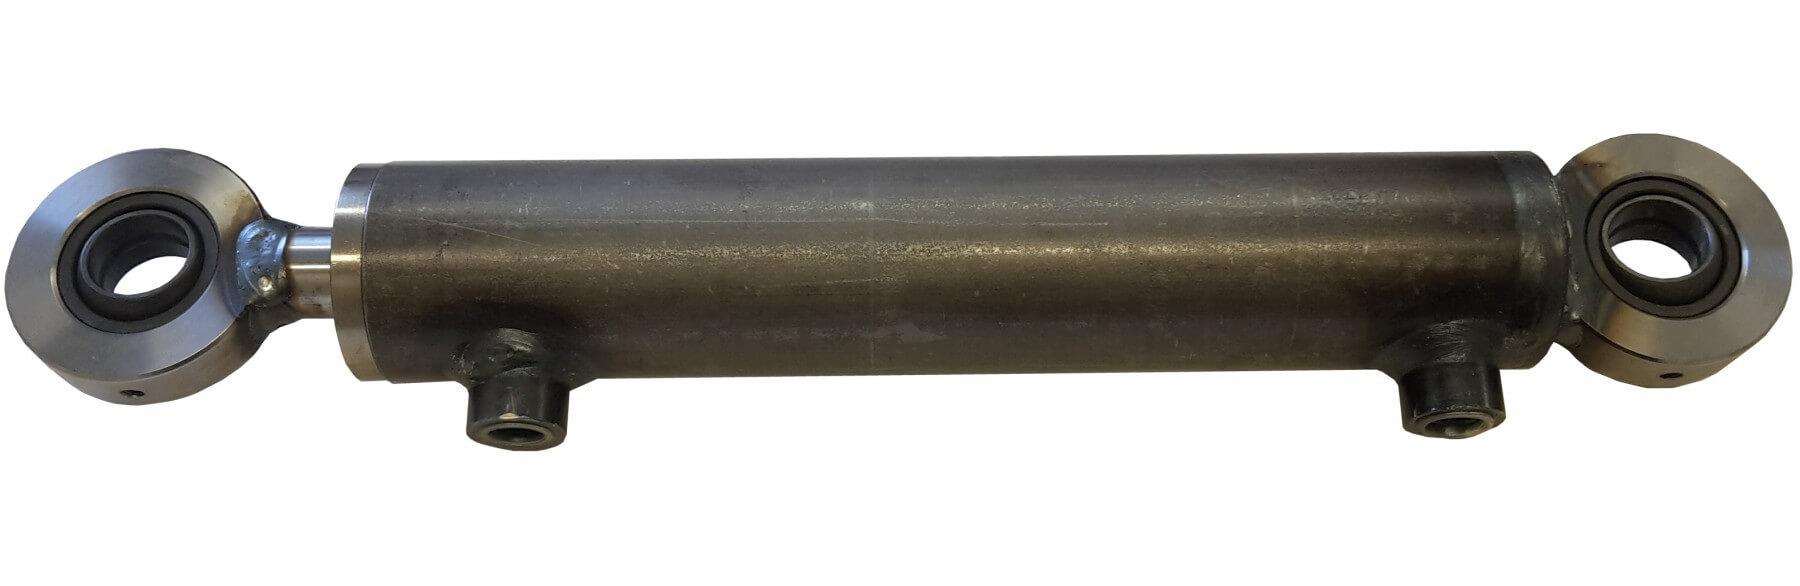 Hydraulisylinteri CL 100. 60. 400 GE - Kailatec Oy Verkkokauppa